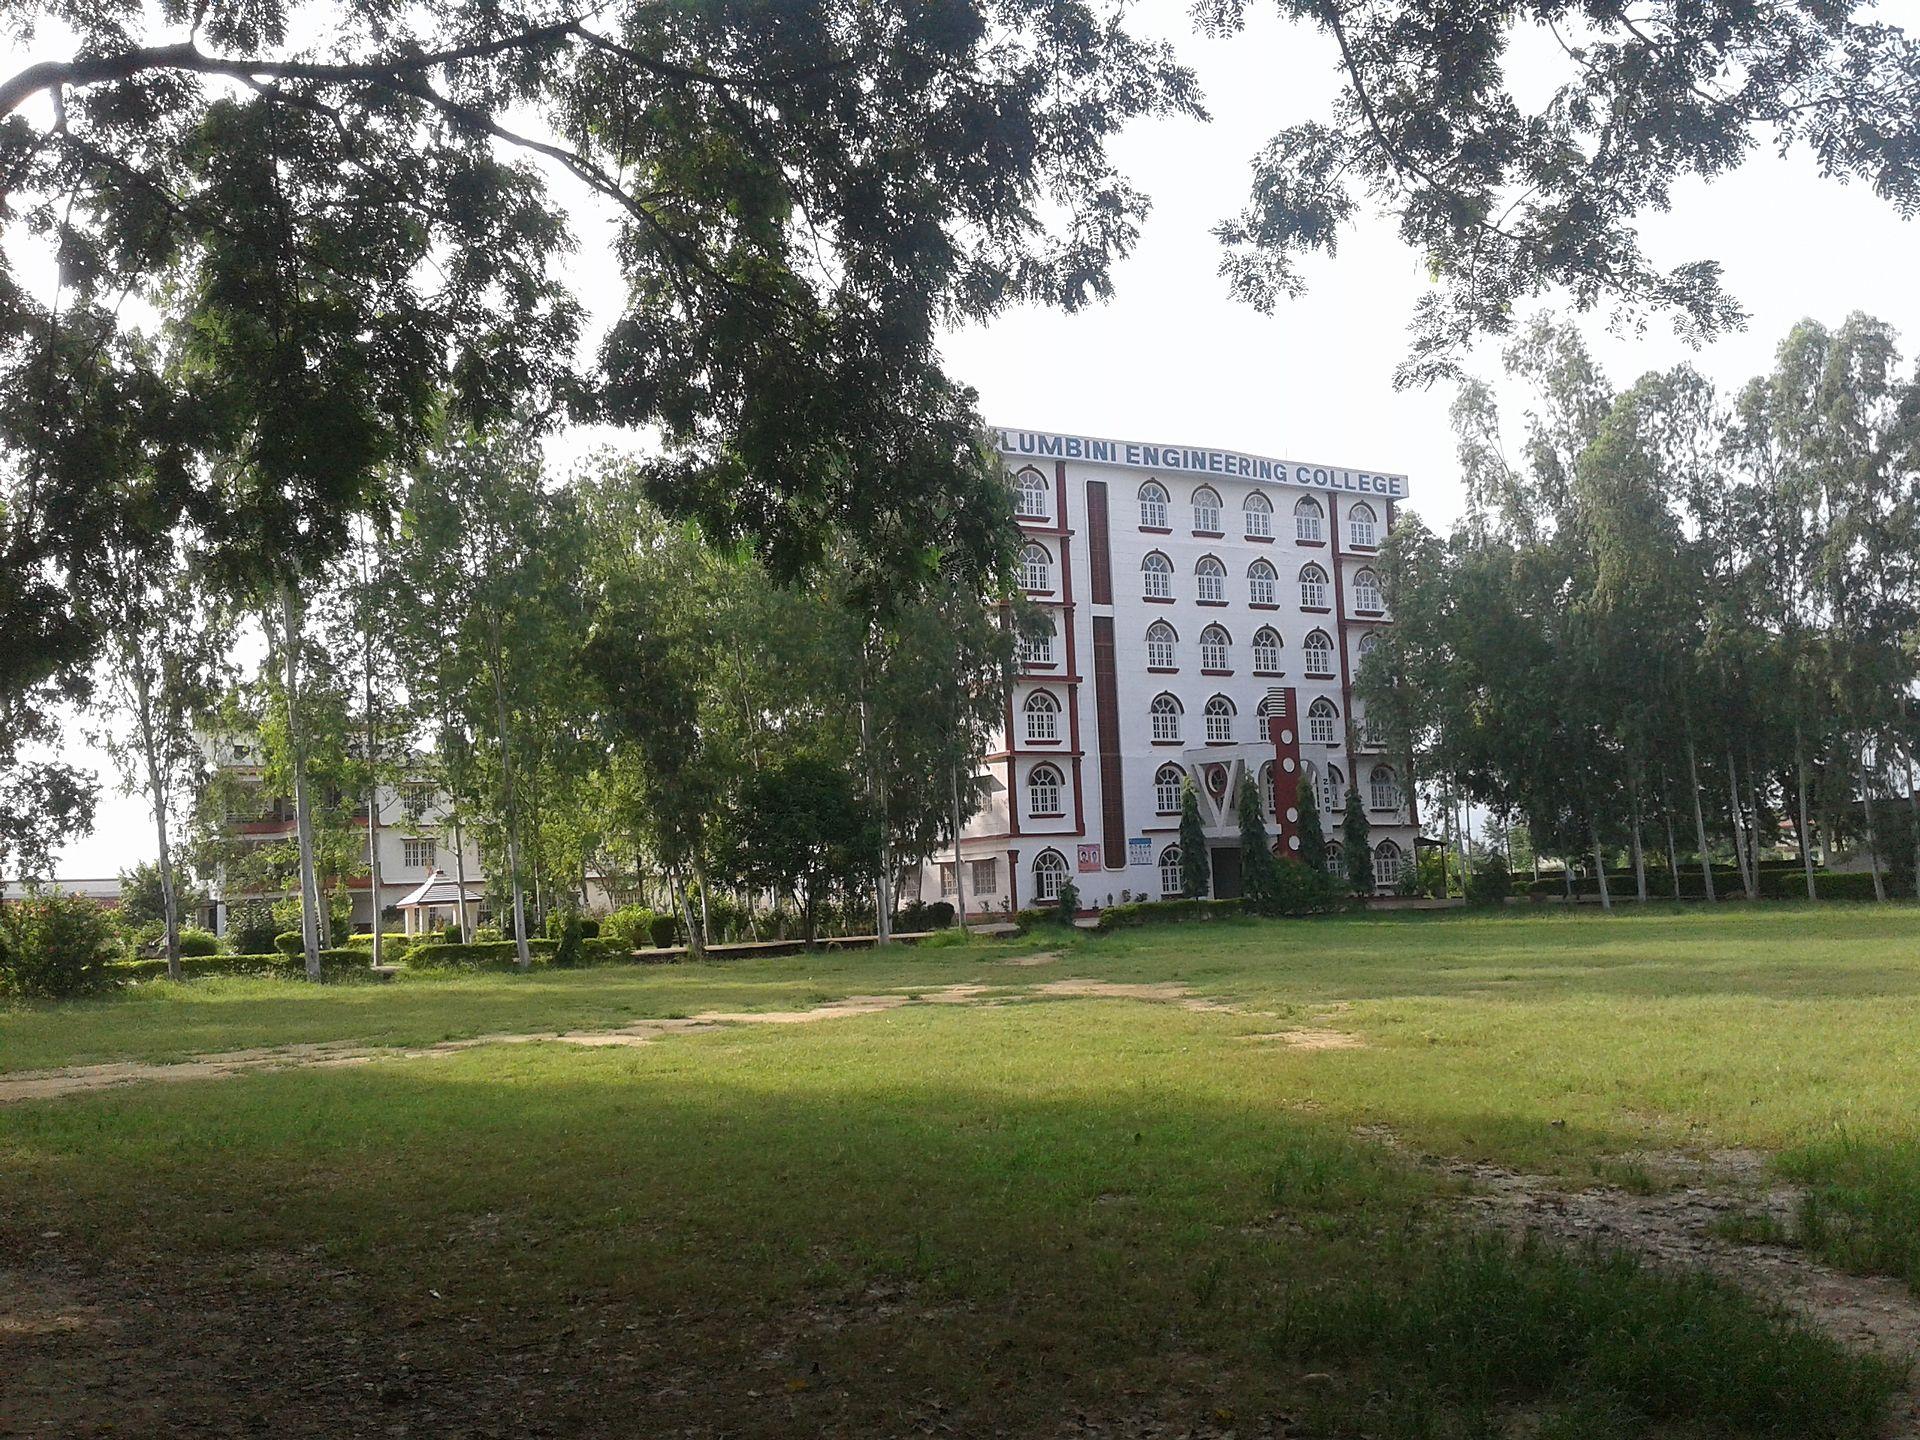 lumbini engineering college wikipedia